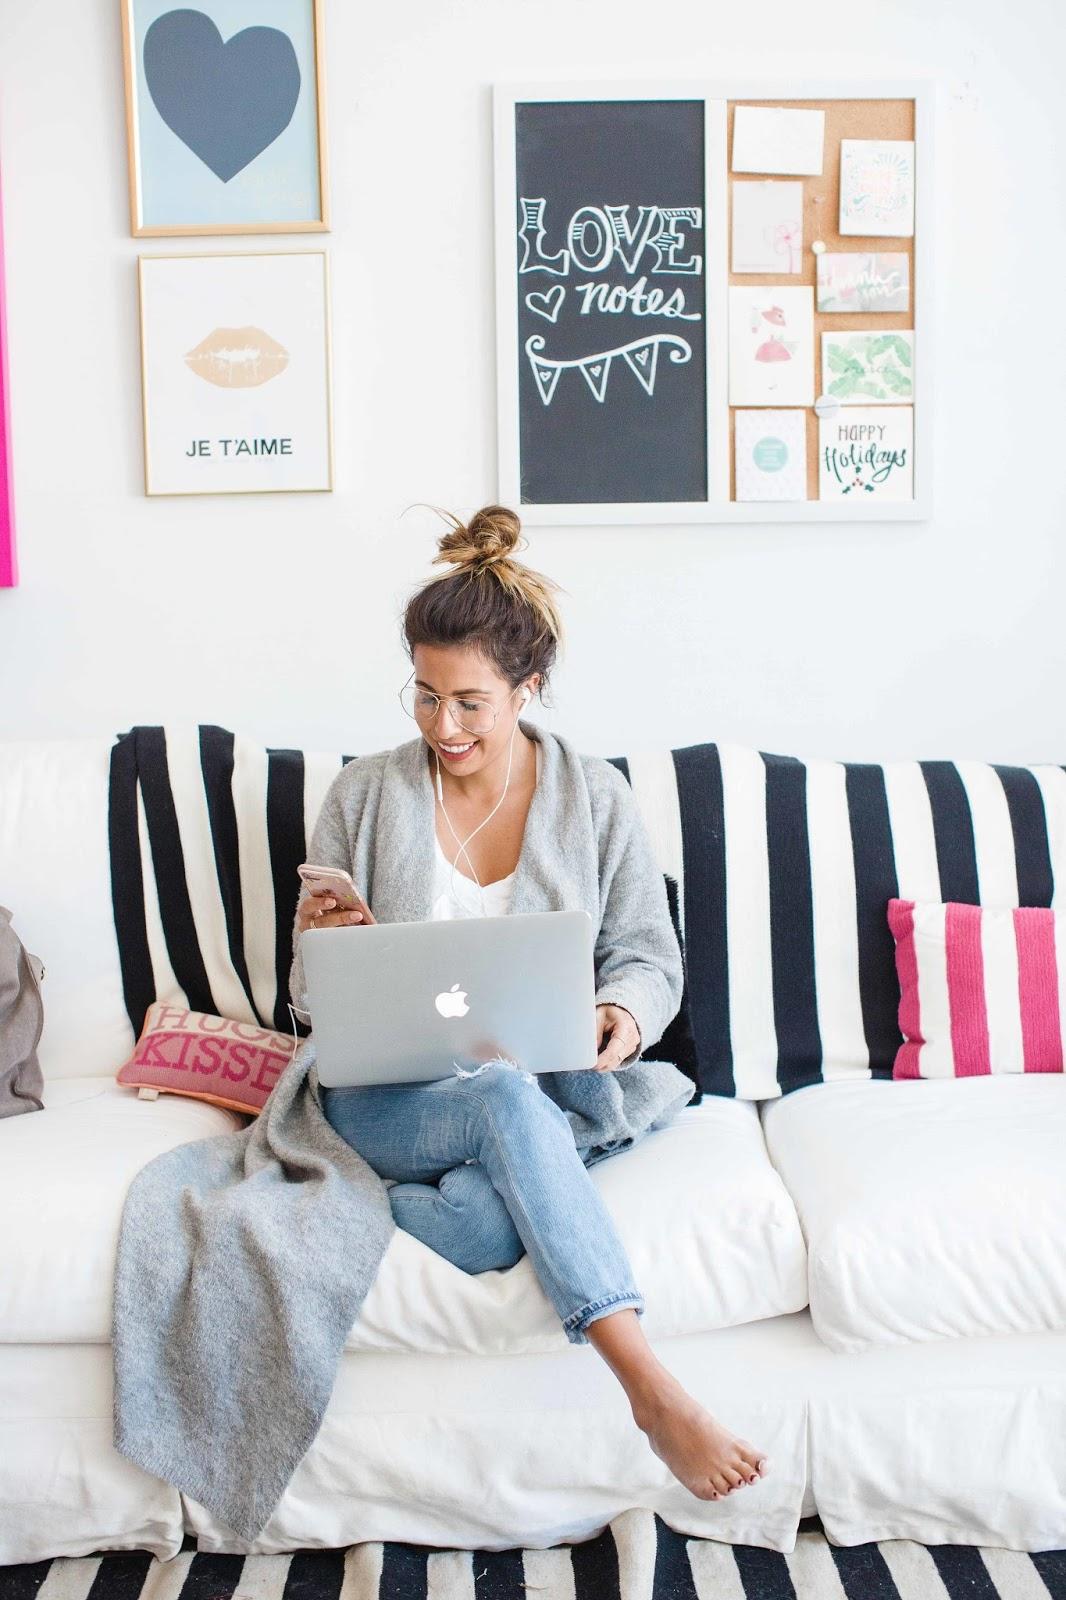 freelance tips tricks, social media marketing tips, digital marketing